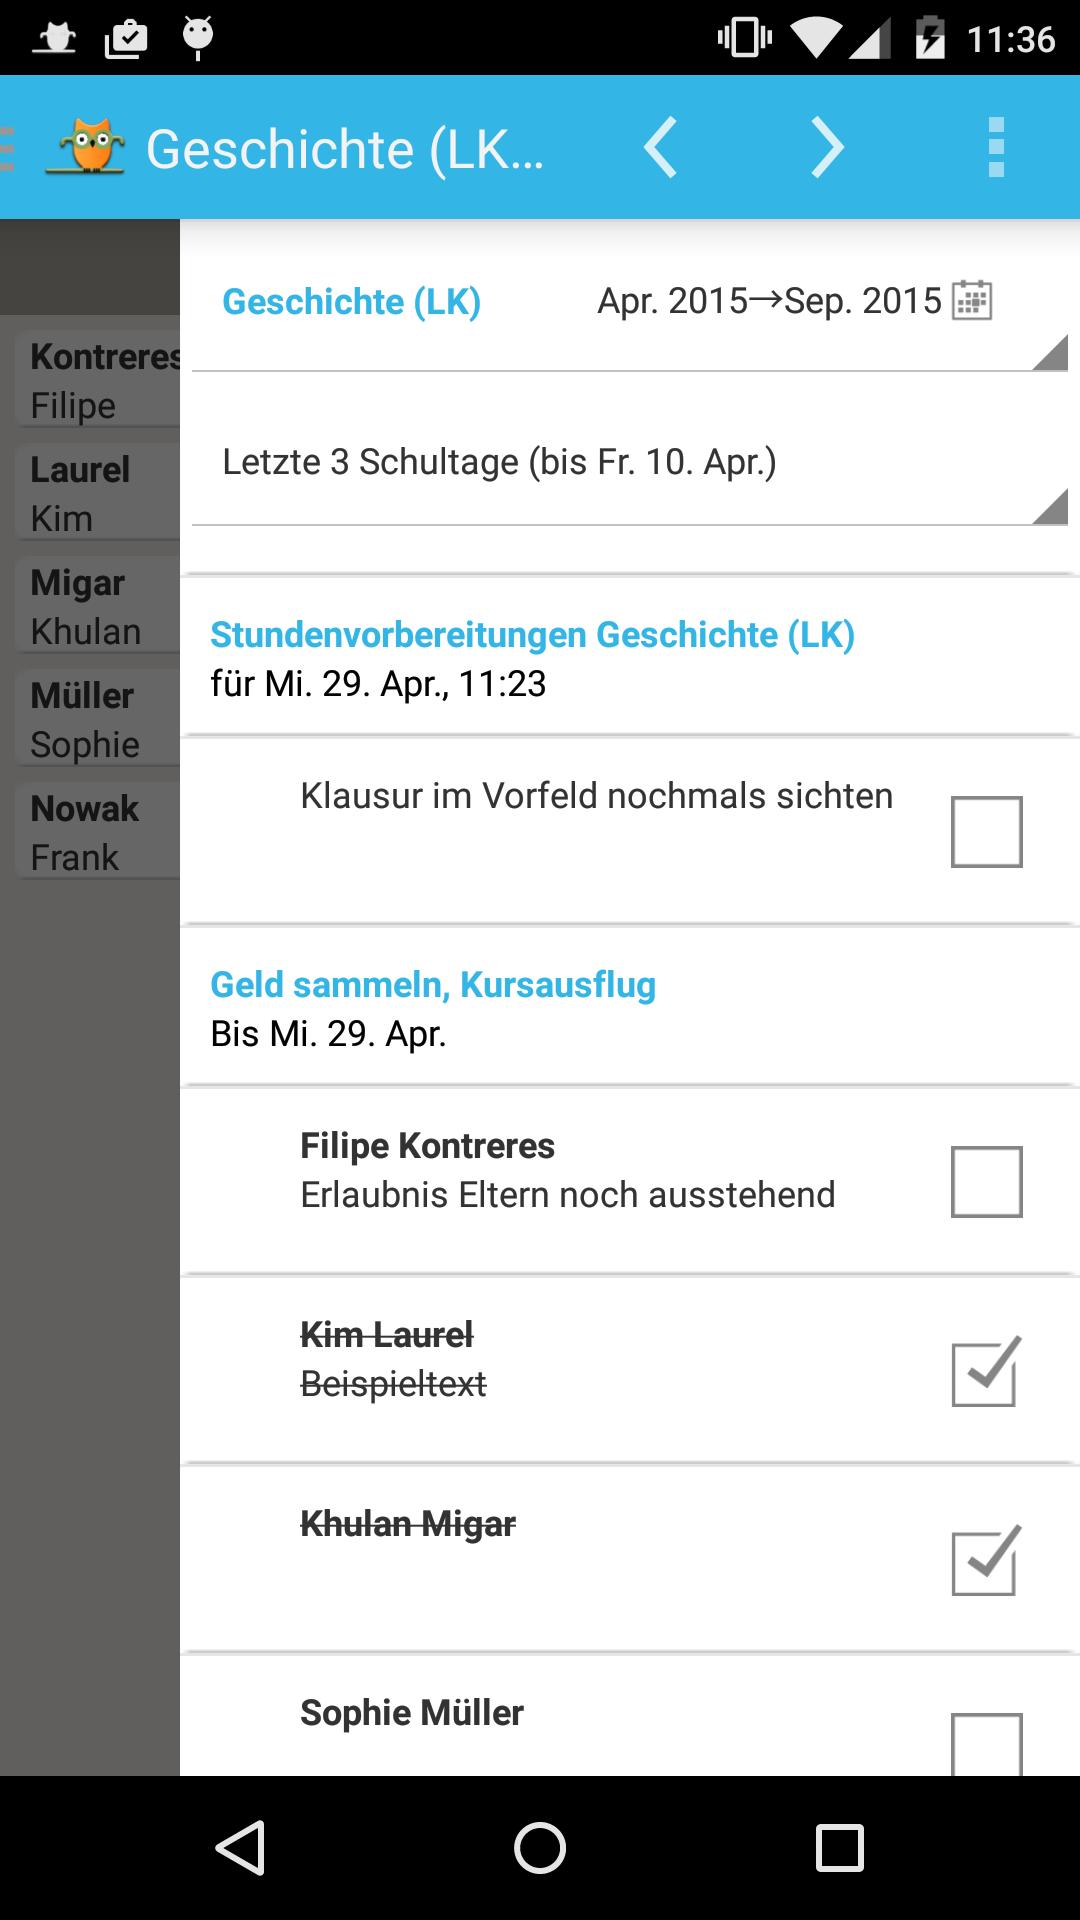 Die Checkliste in der rechten Seitensicht